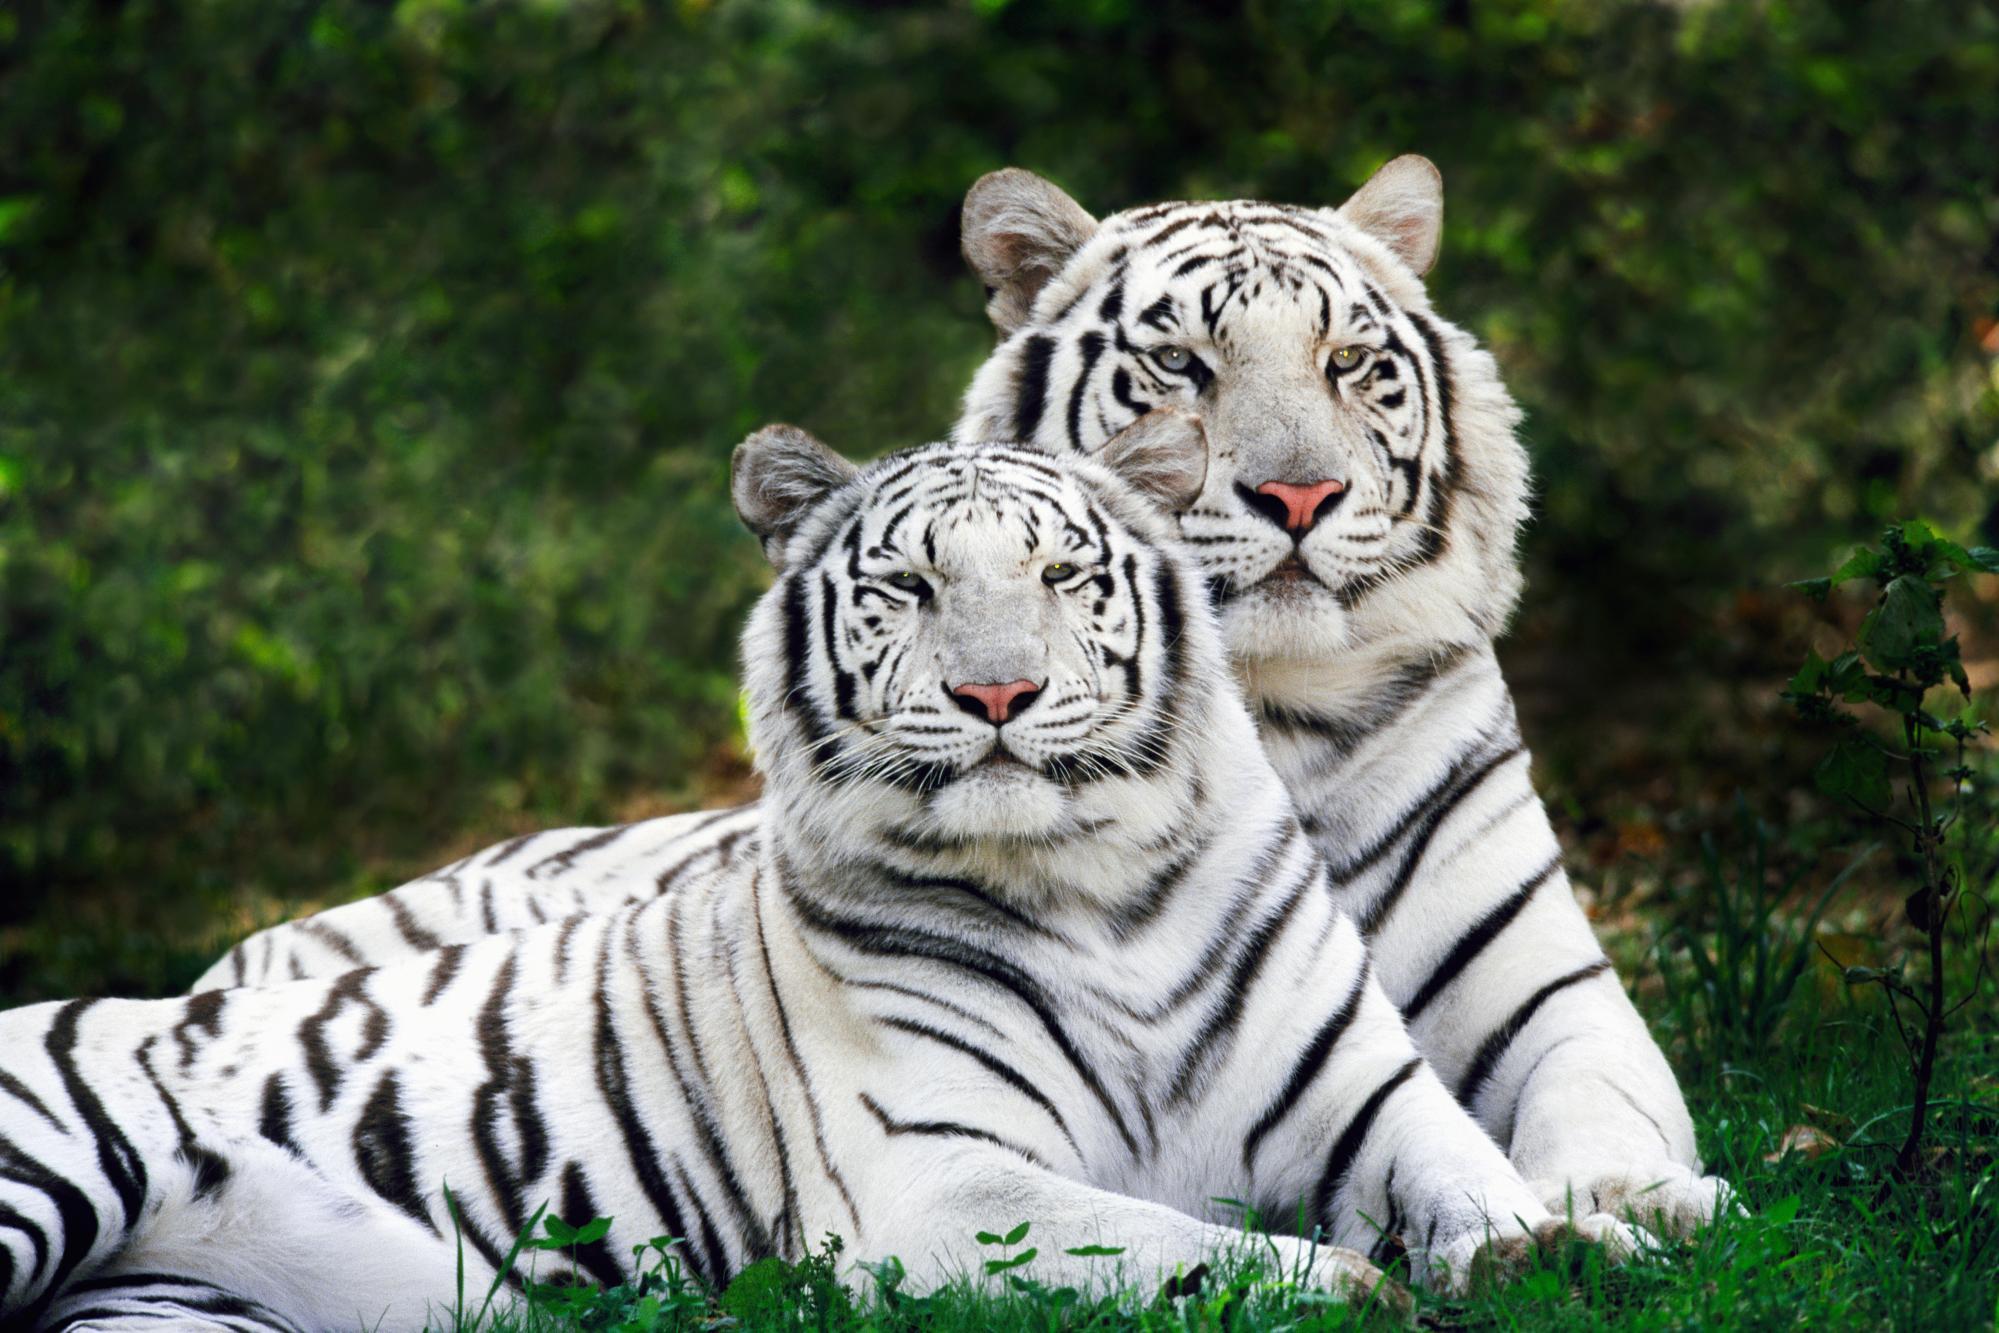 пара белых тигров, белый тигр, white tiger, скачать обои для рабочего стола